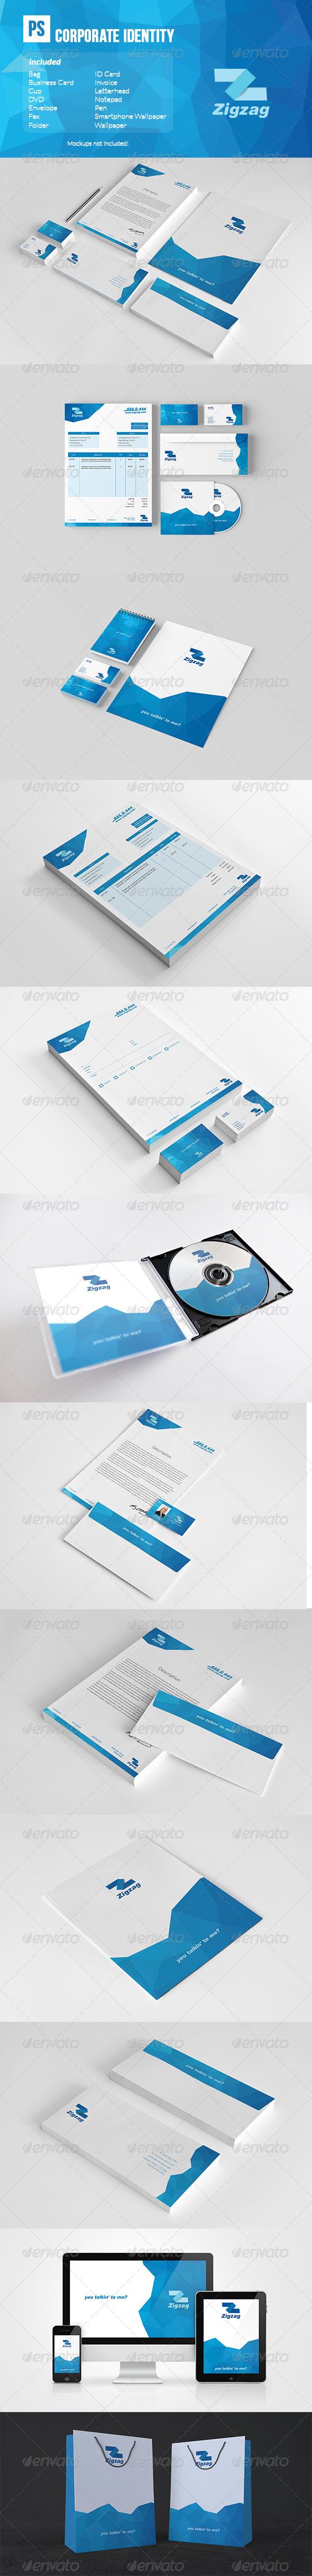 GraphicRiver Corporate Identity 7629942